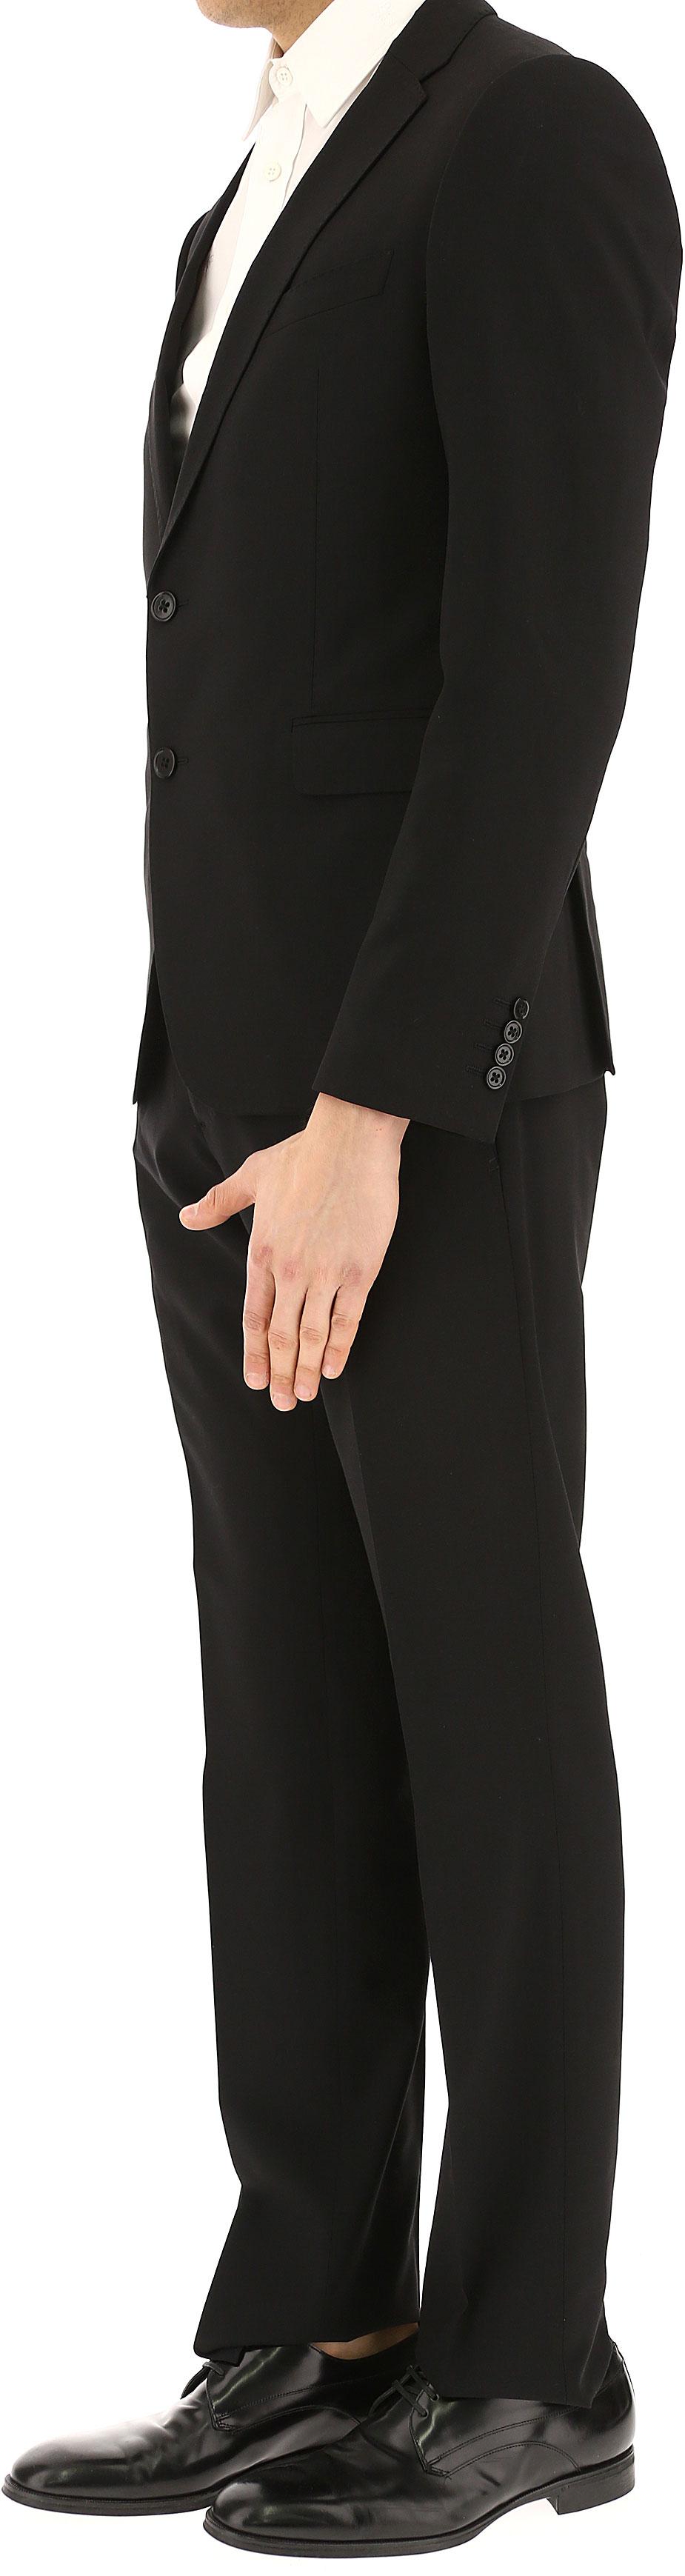 Abbigliamento Uomo Emporio Armani, Codice Articolo: zcvmml-0b006-999